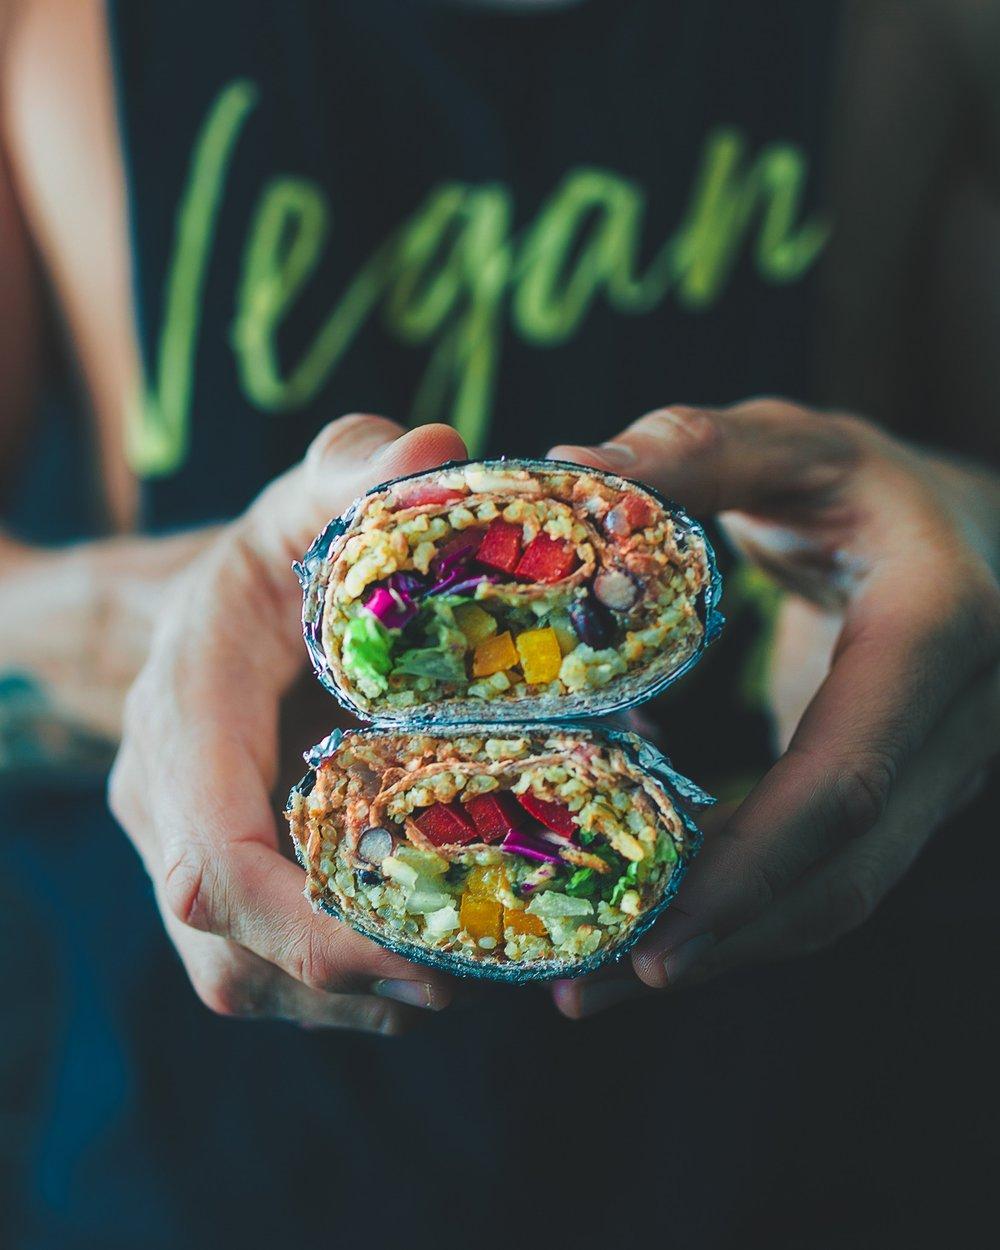 rustic-vegan-459510.jpg